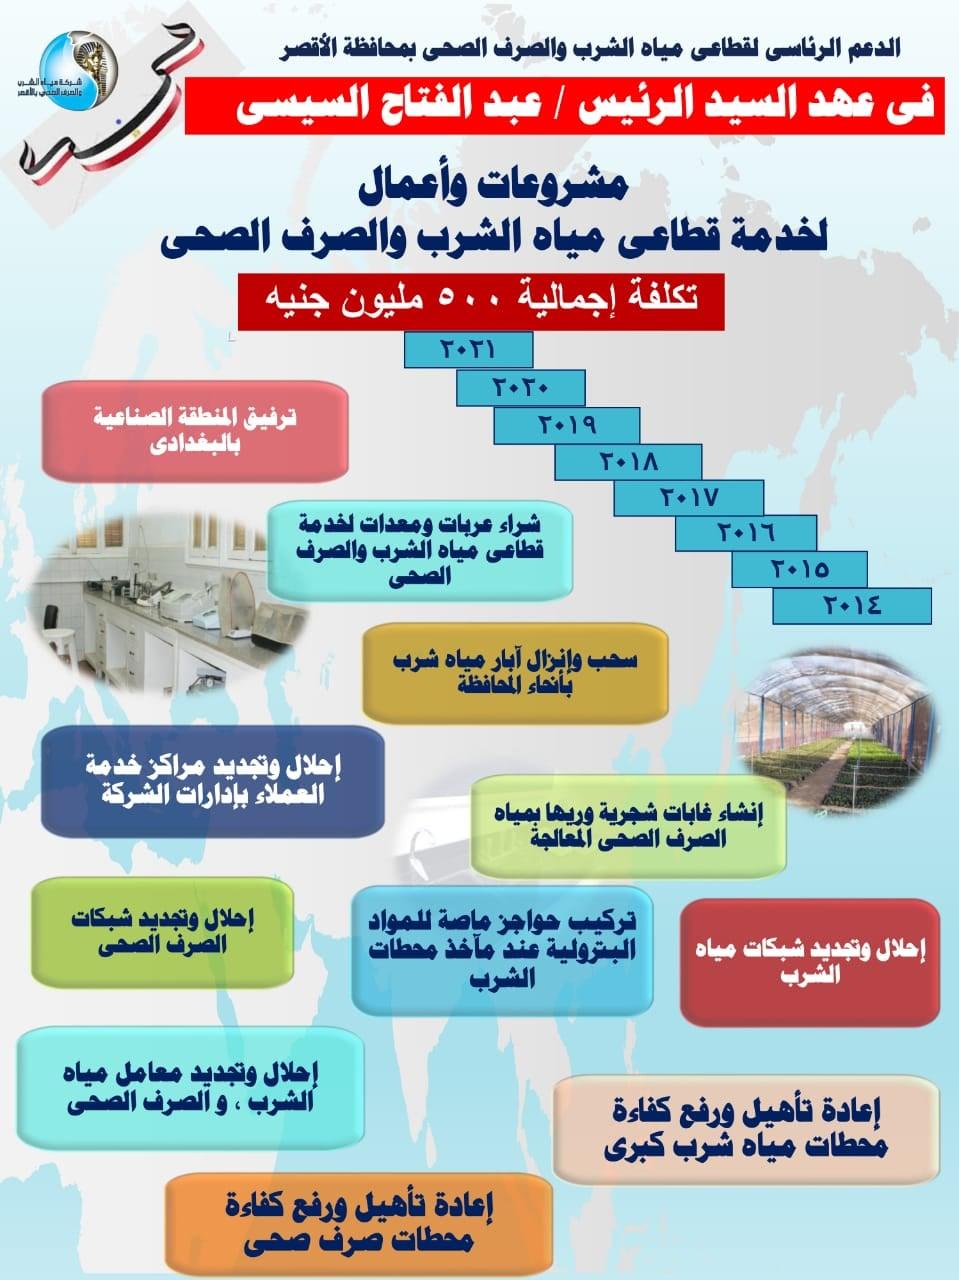 مشروعات أعمال مياه الشرب و الصرف الصحي